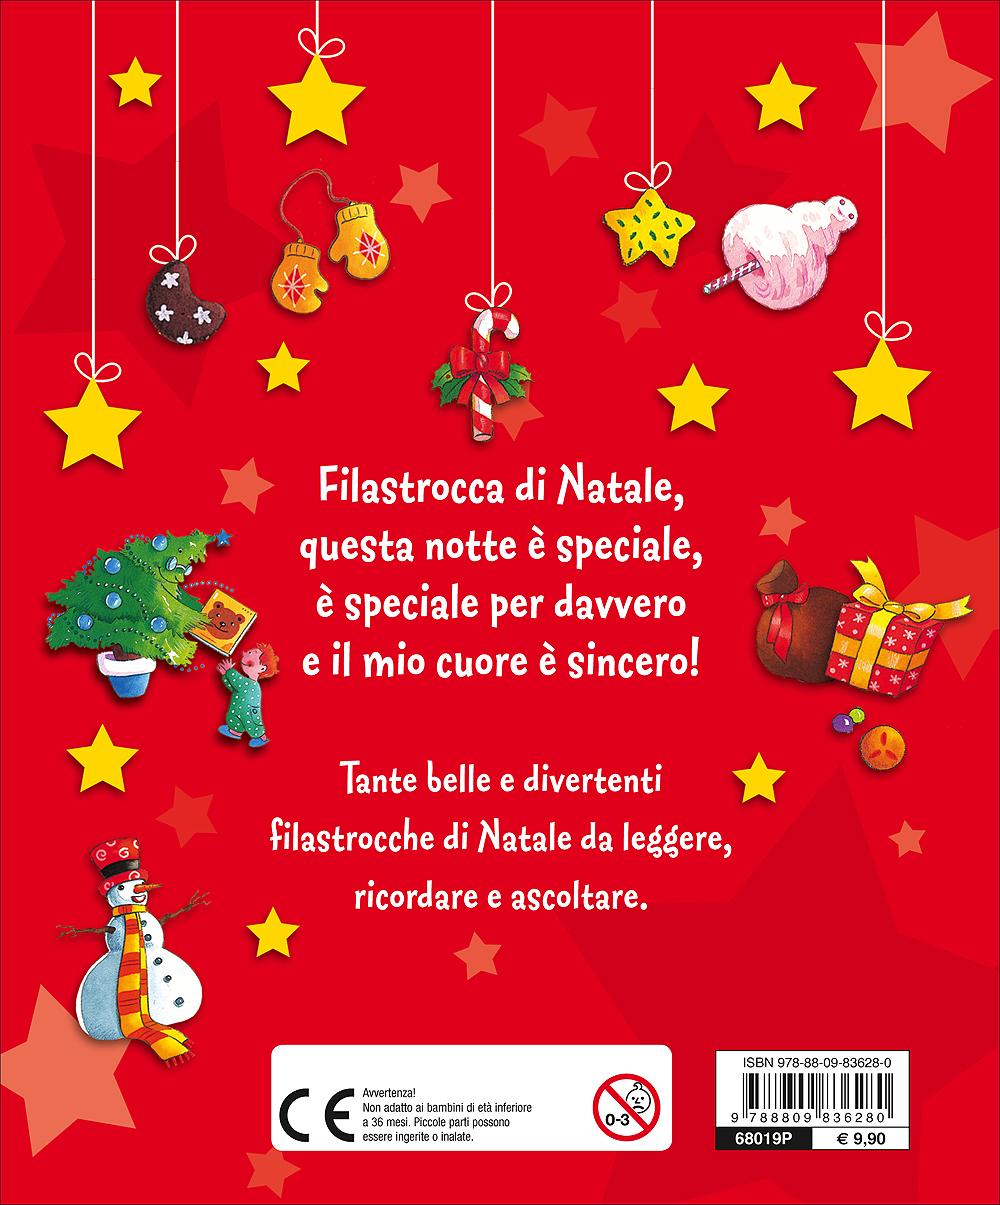 Le Filastrocche di Natale